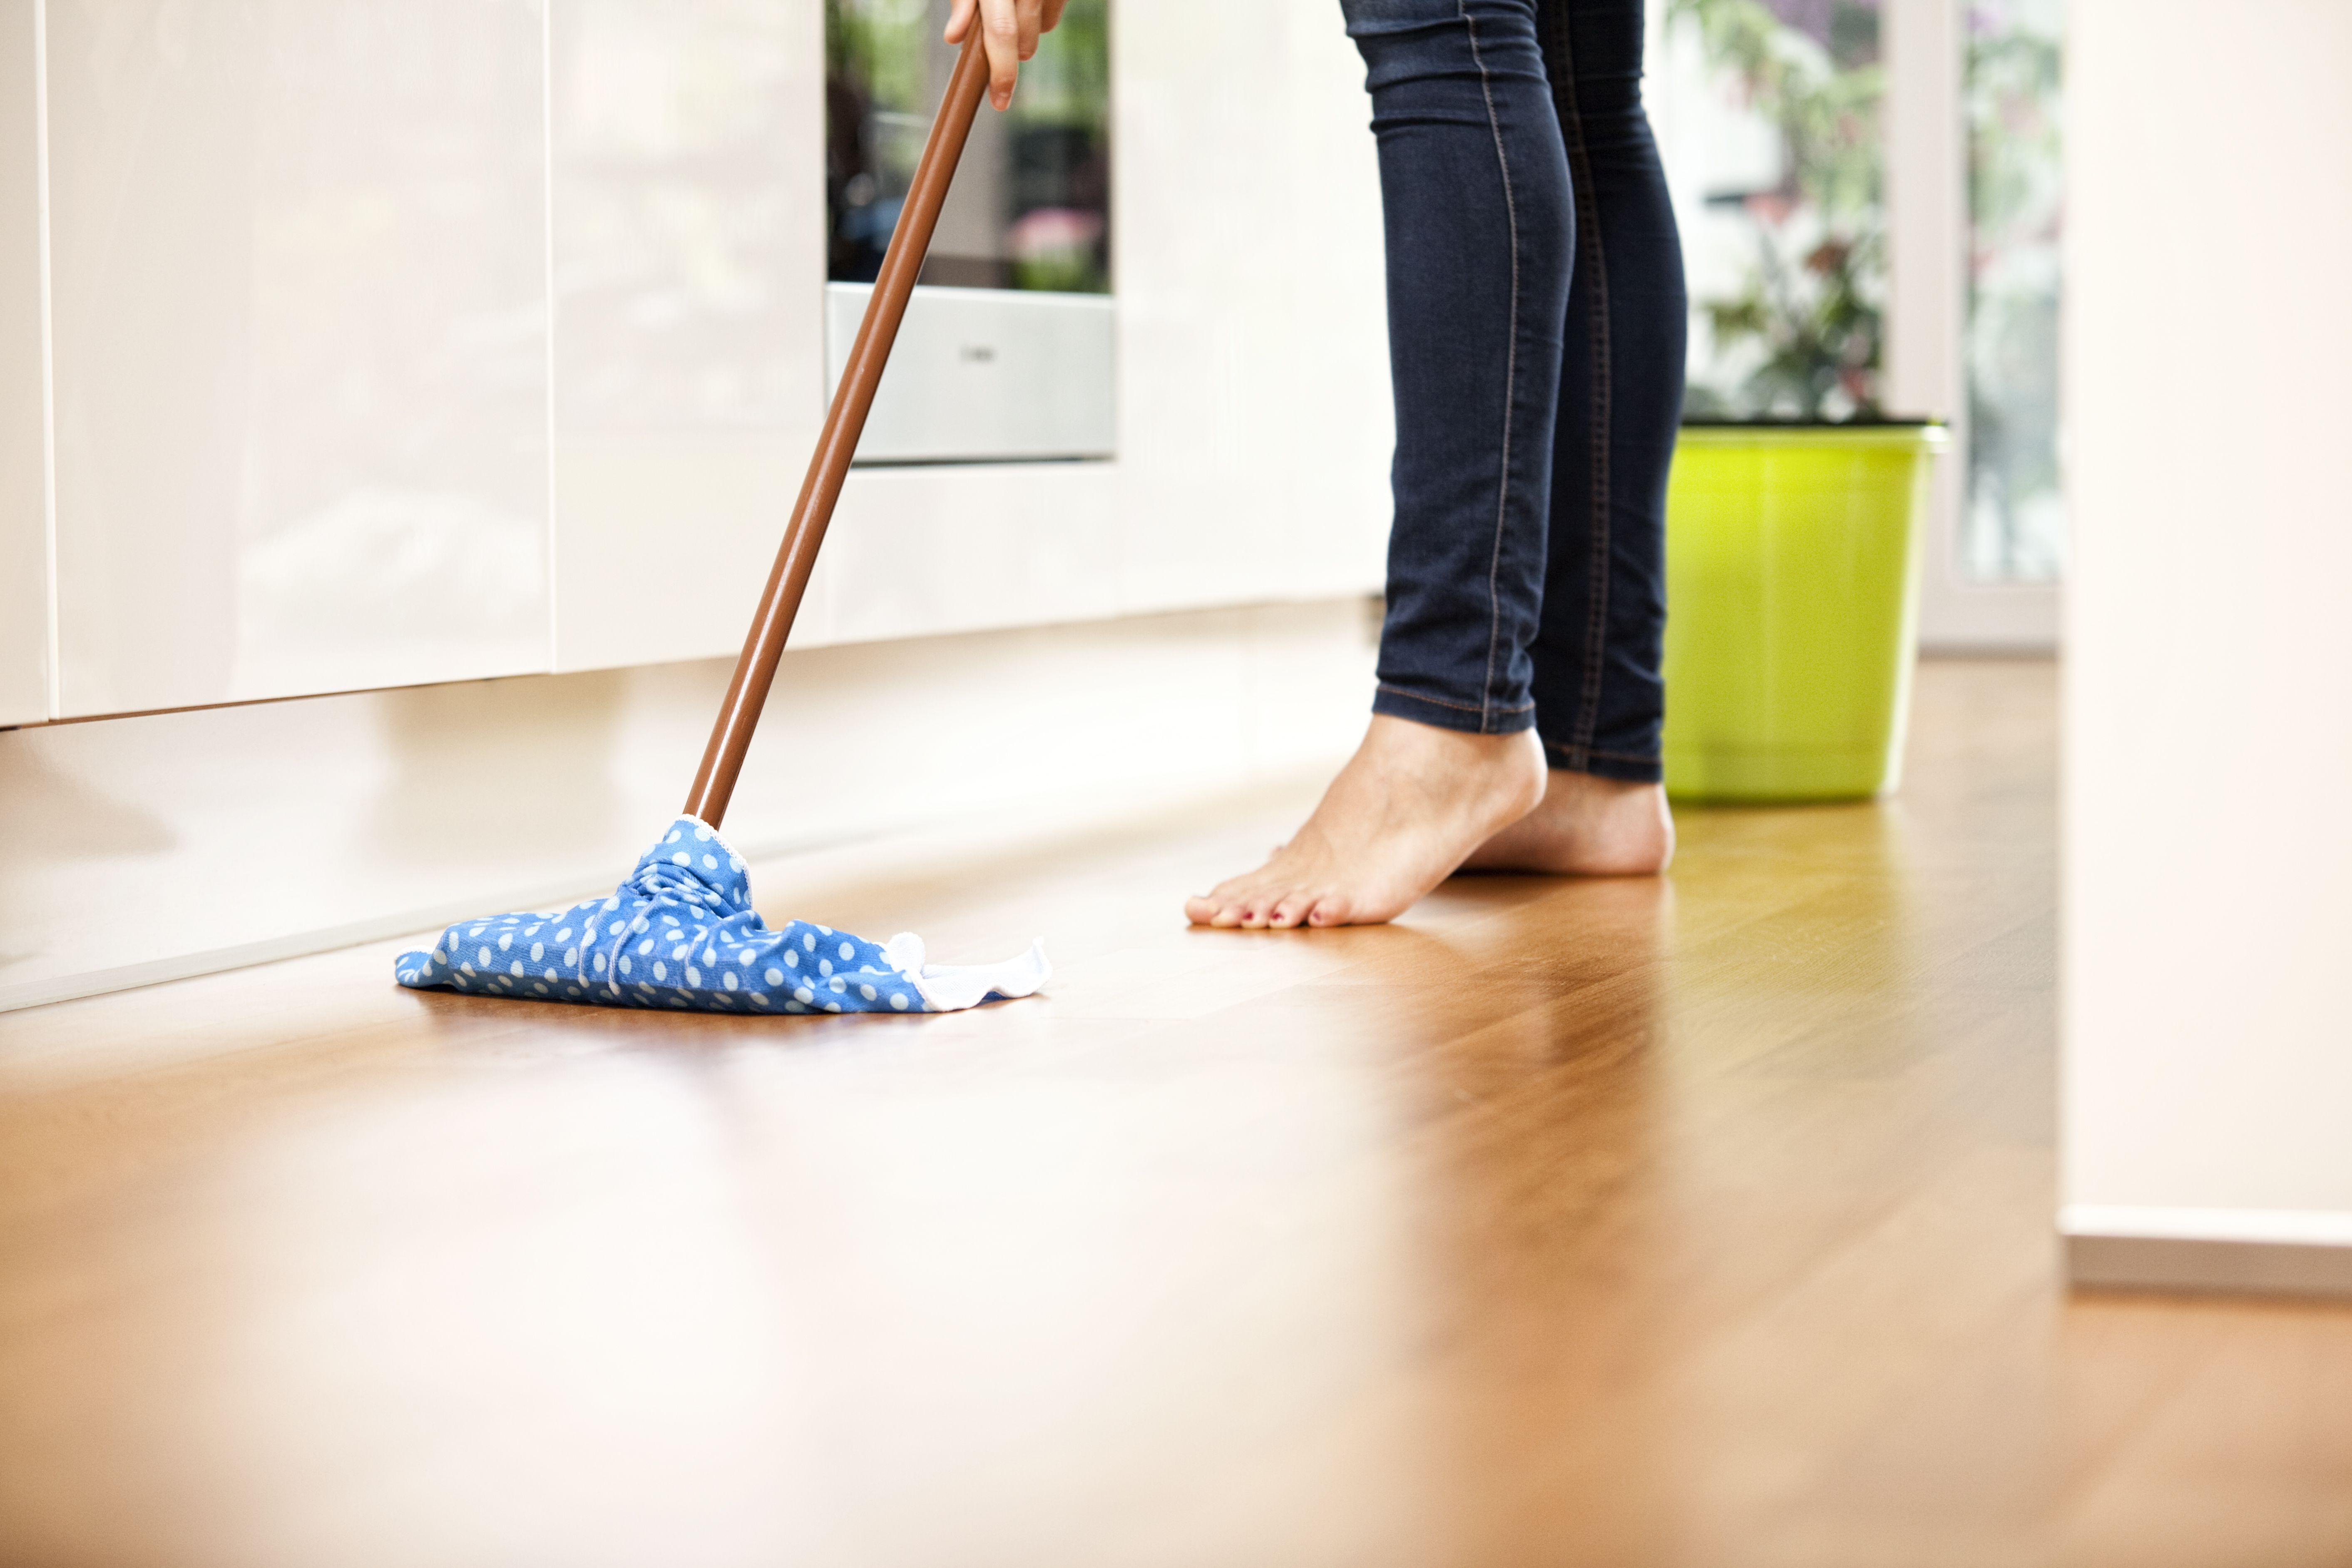 The 7 Best Hardwood Floor Cleaners Of 2020 Best Hardwood Floor Cleaner Vinyl Floor Cleaners Hardwood Floor Cleaner